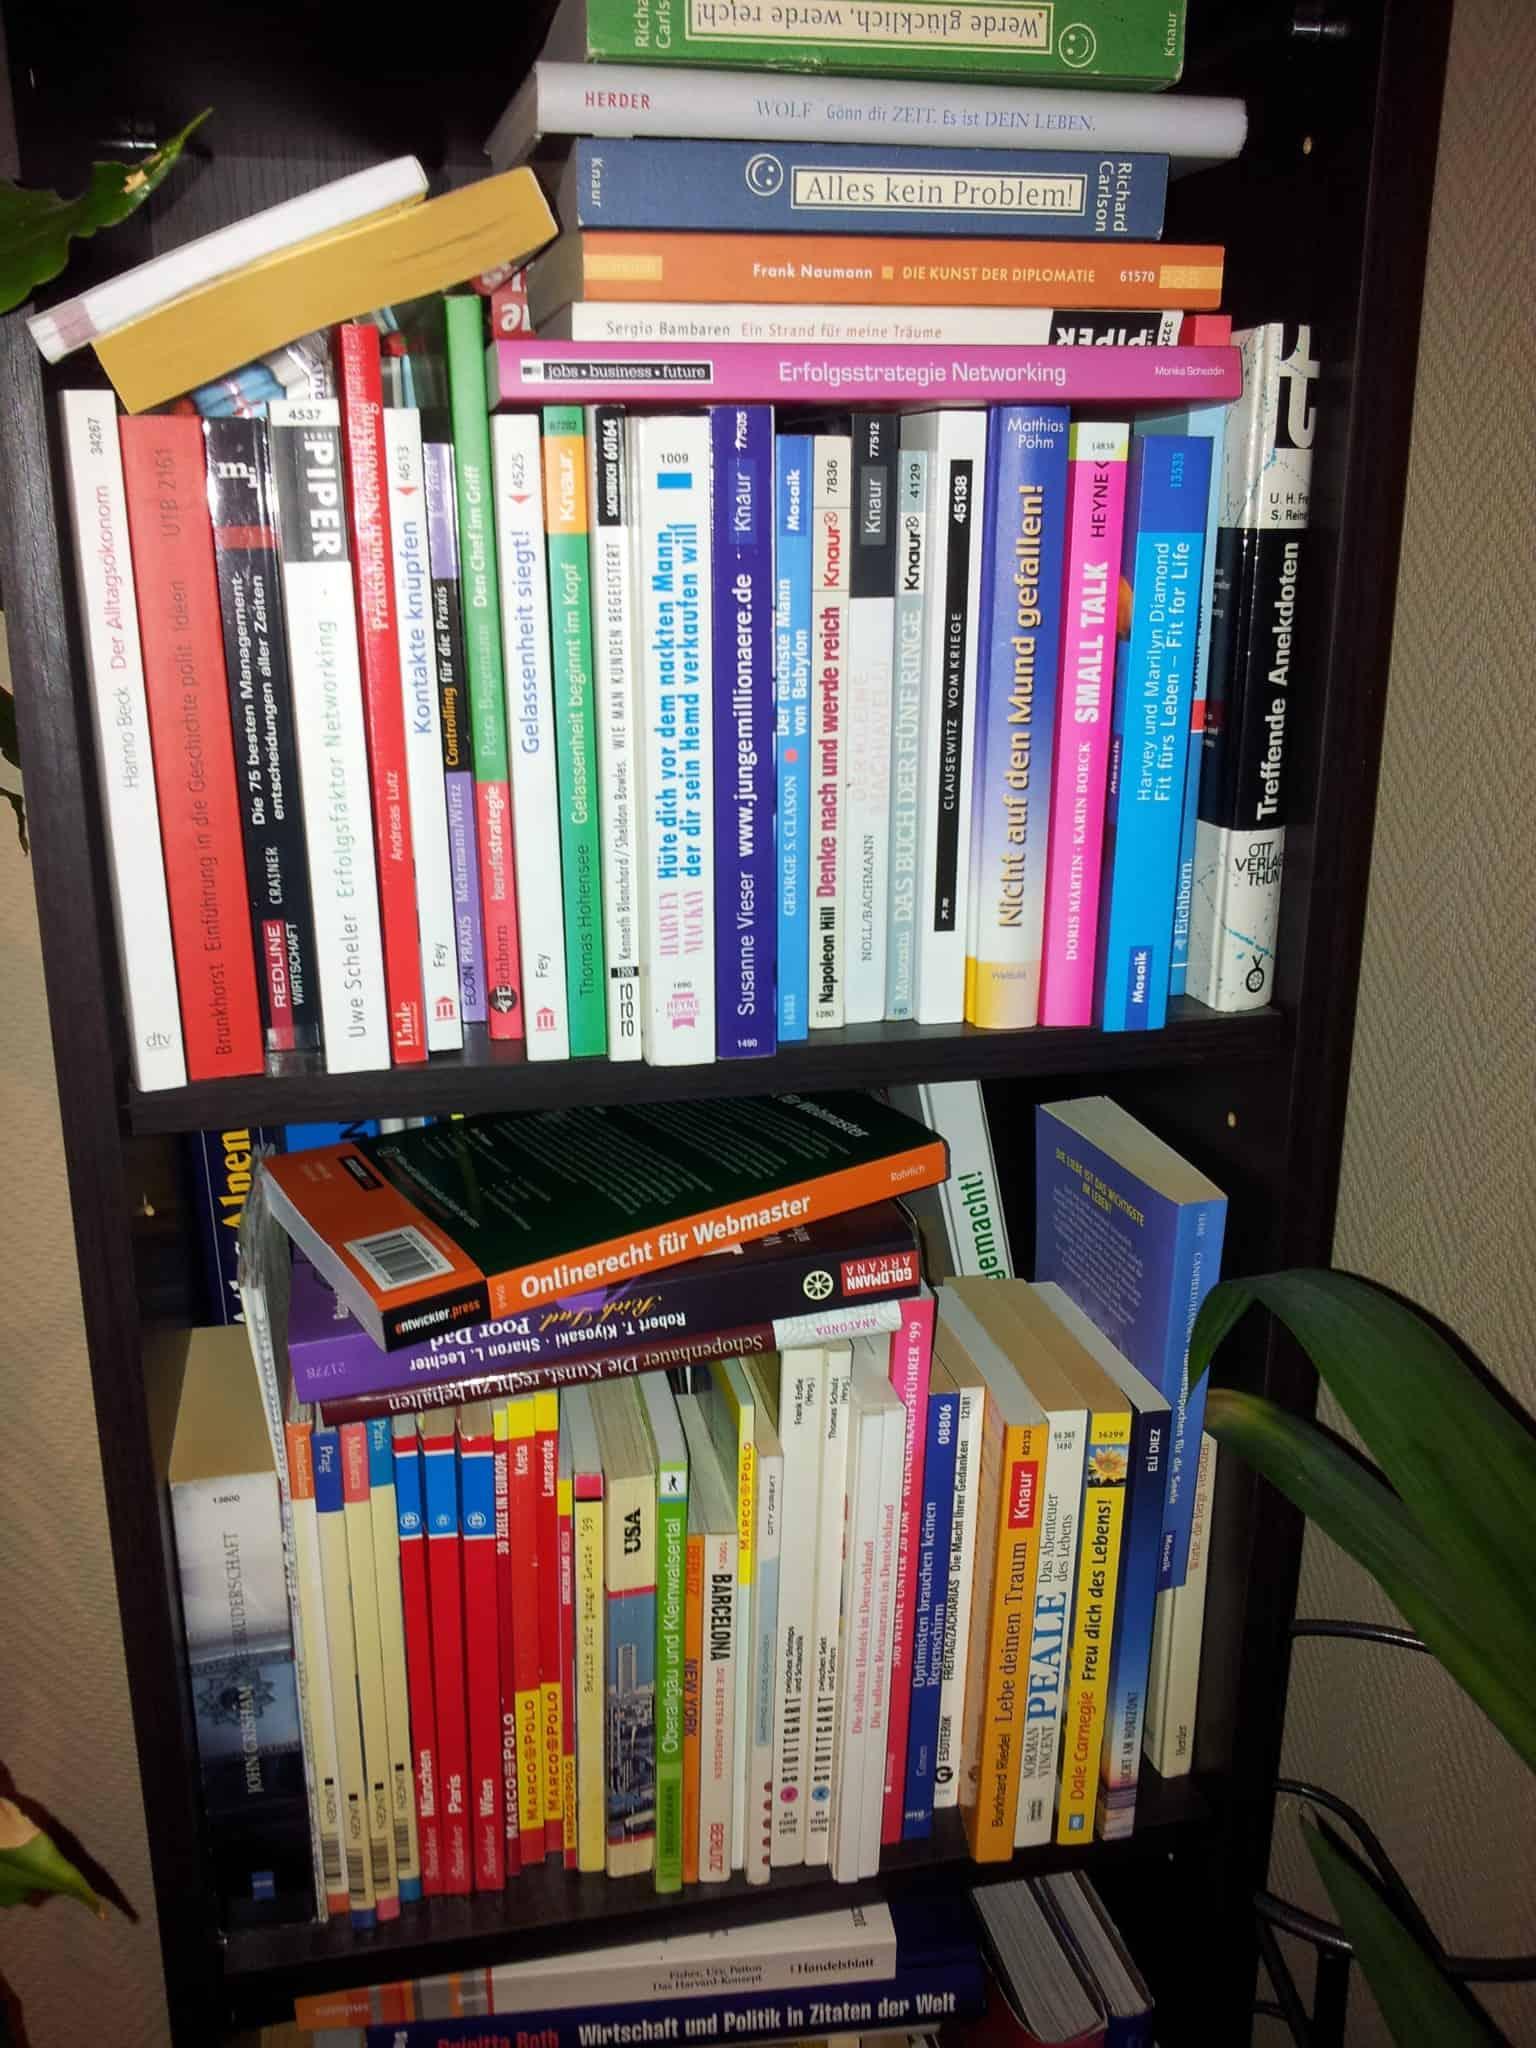 Bild von einem Teil eines meiner Bücherregale